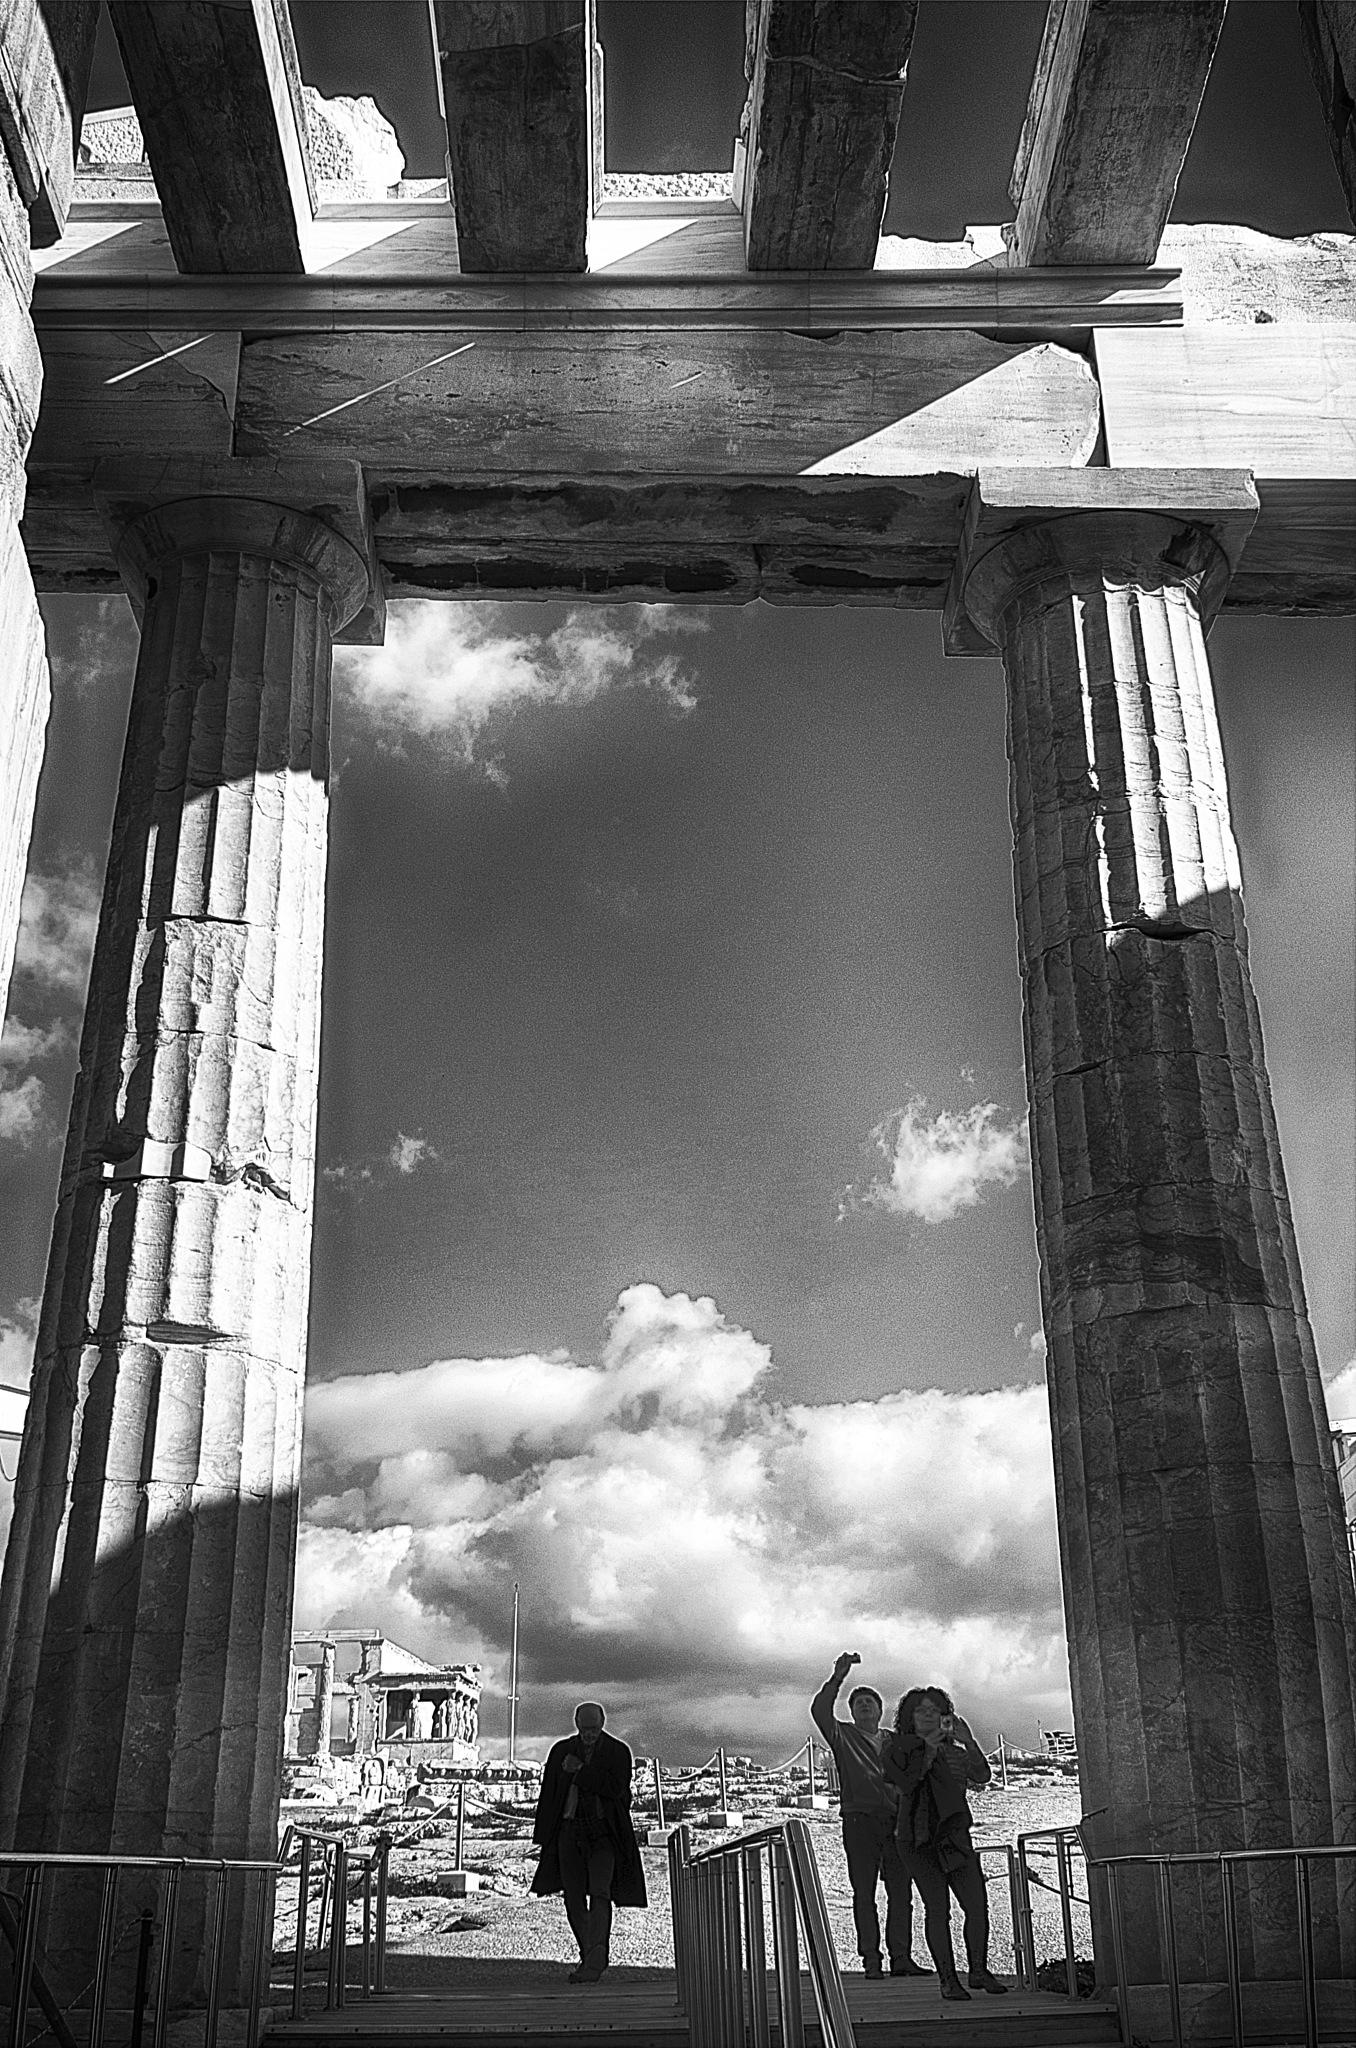 Entering the Acropolis by Stathis Karatzas